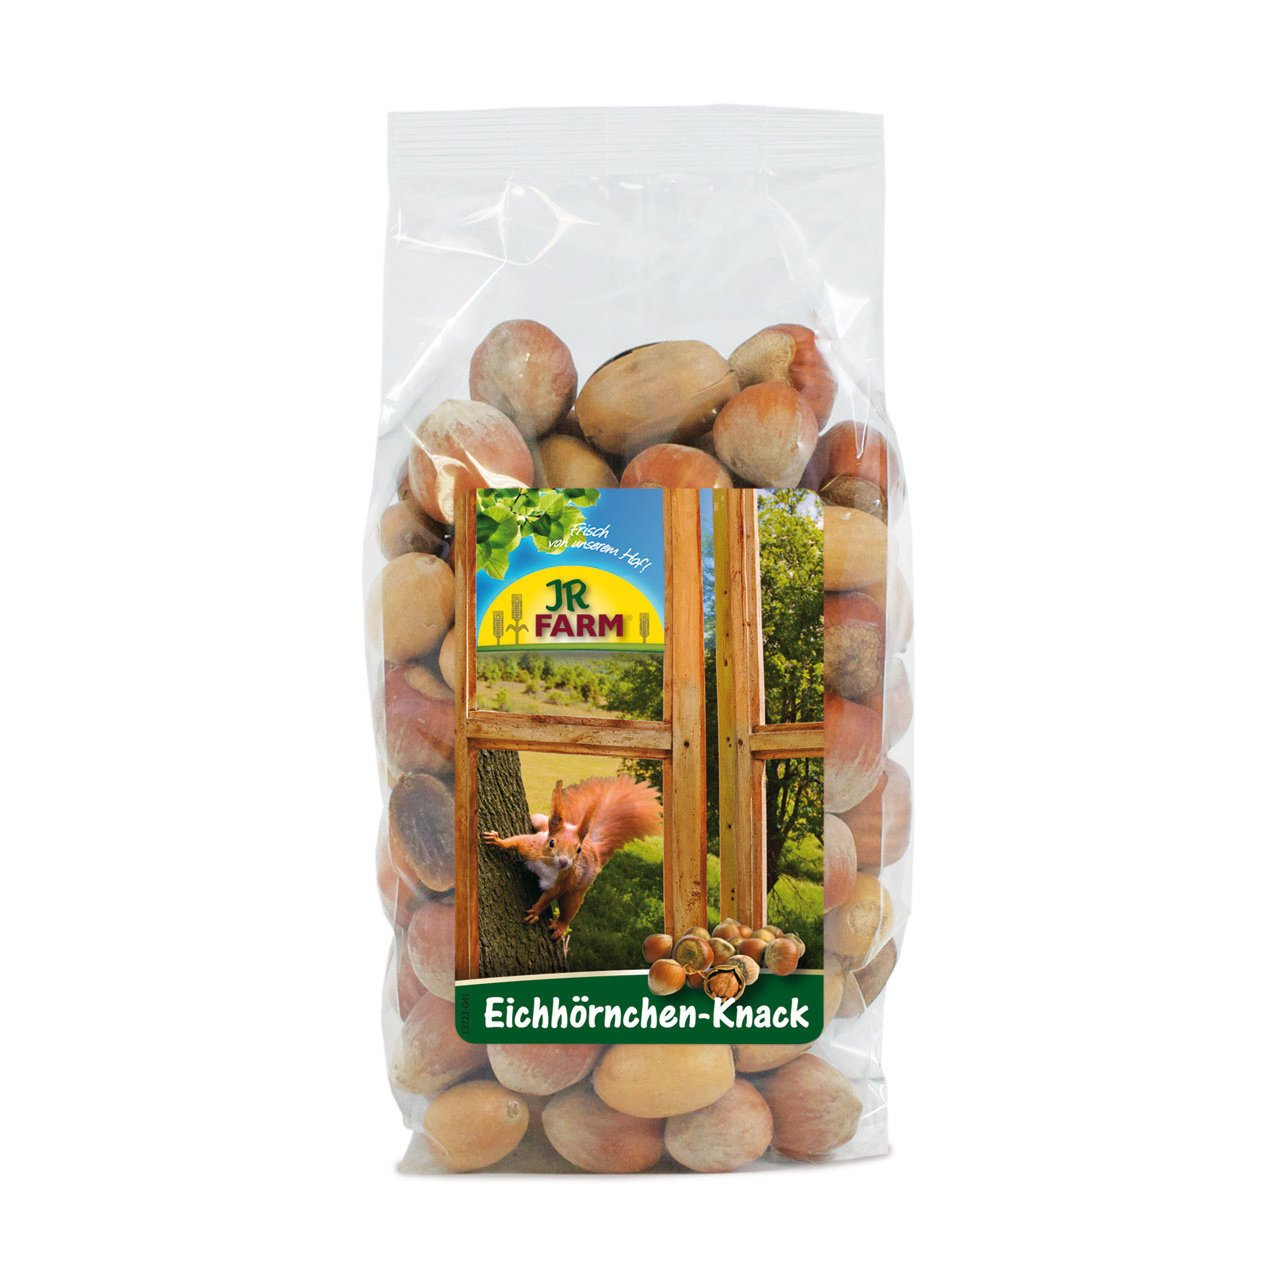 JR Farm JR Garden Eichhörnchen-Knack, 250g